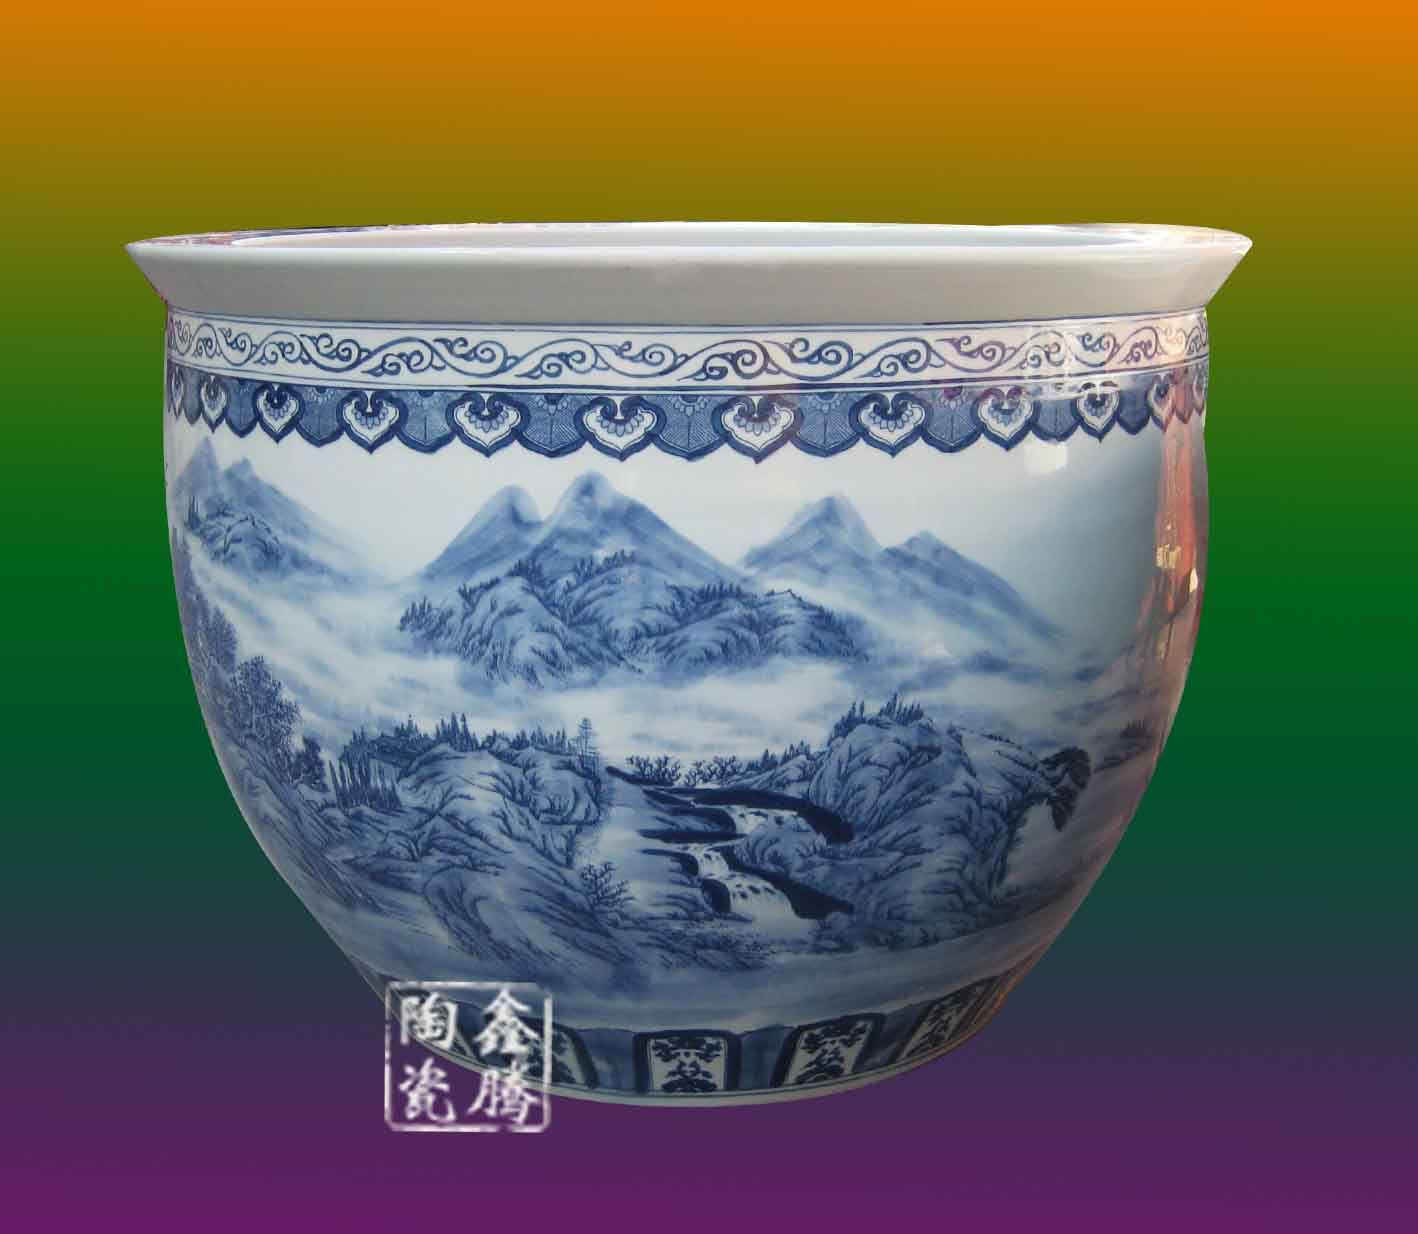 供应手绘陶瓷大缸,青花山水陶瓷大缸